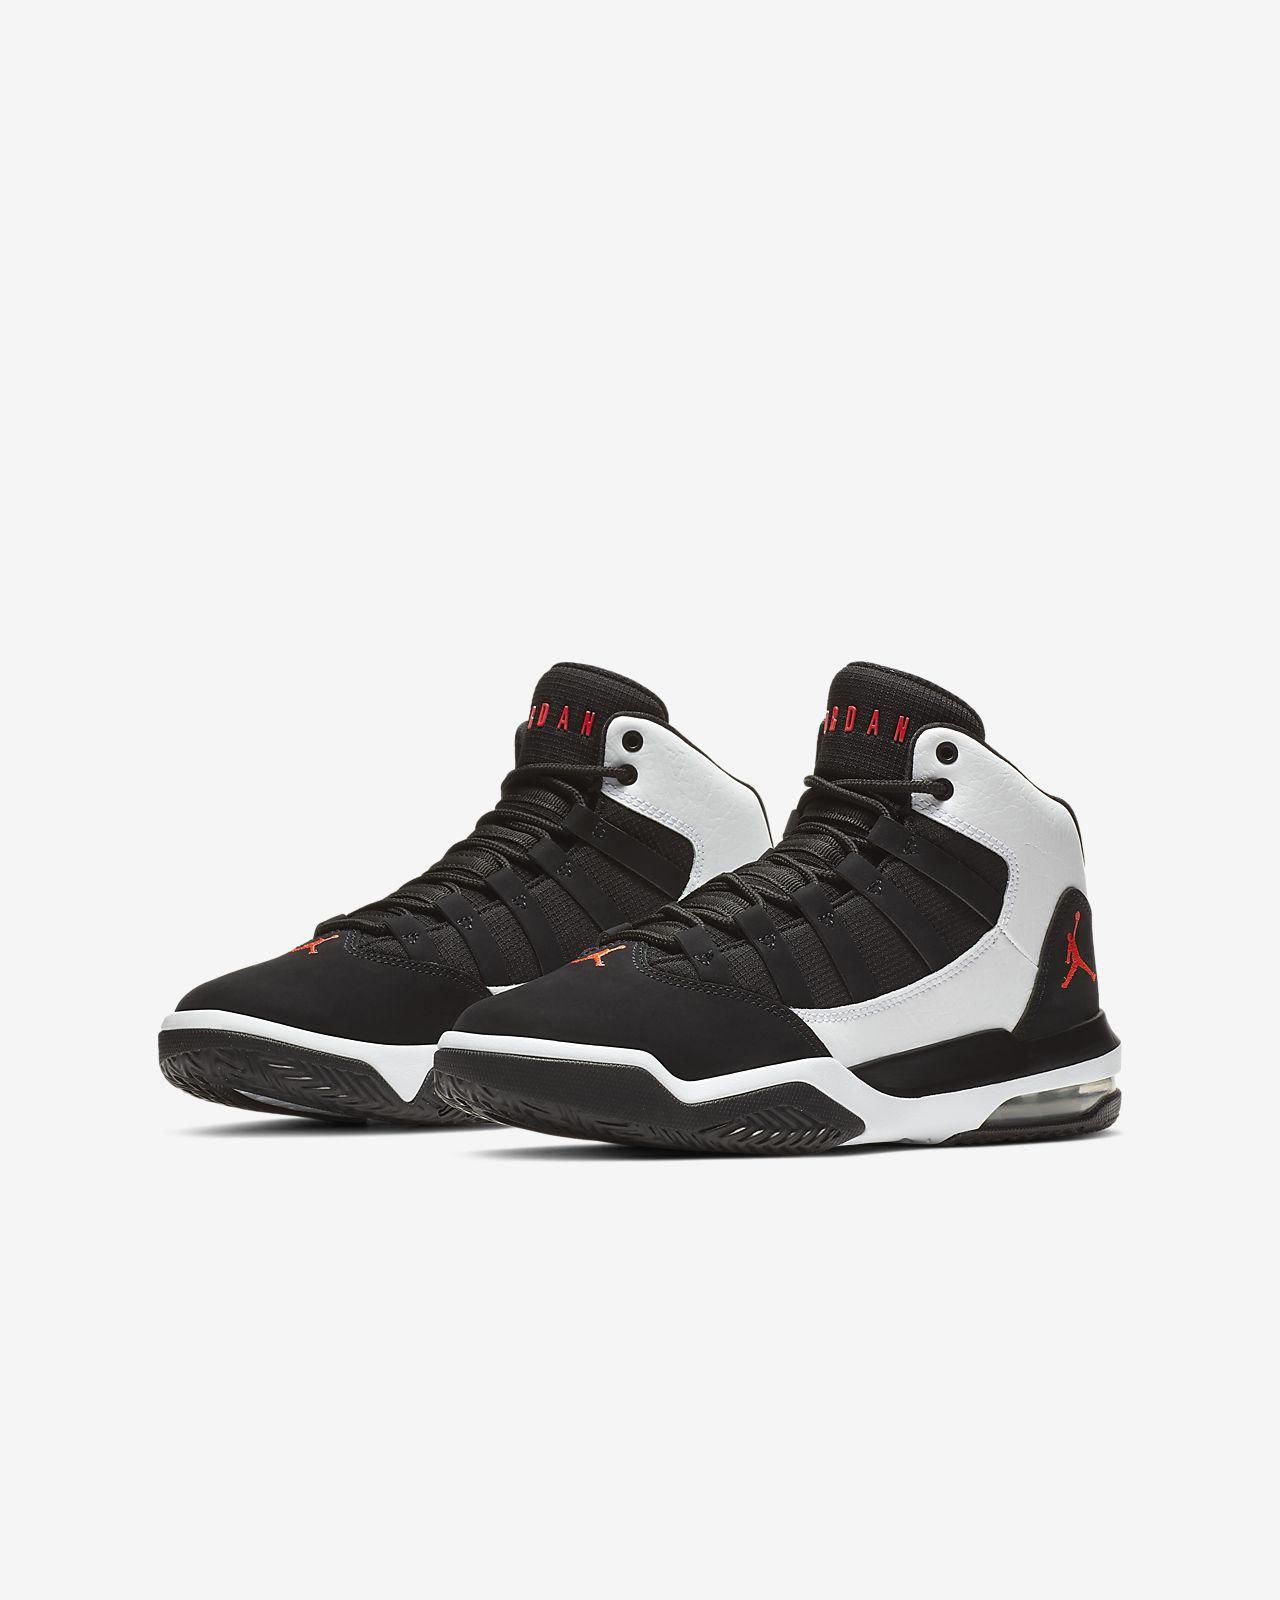 a89c3a4f274a5b Jordan Max Aura Older Kids  Shoe. Nike.com GB